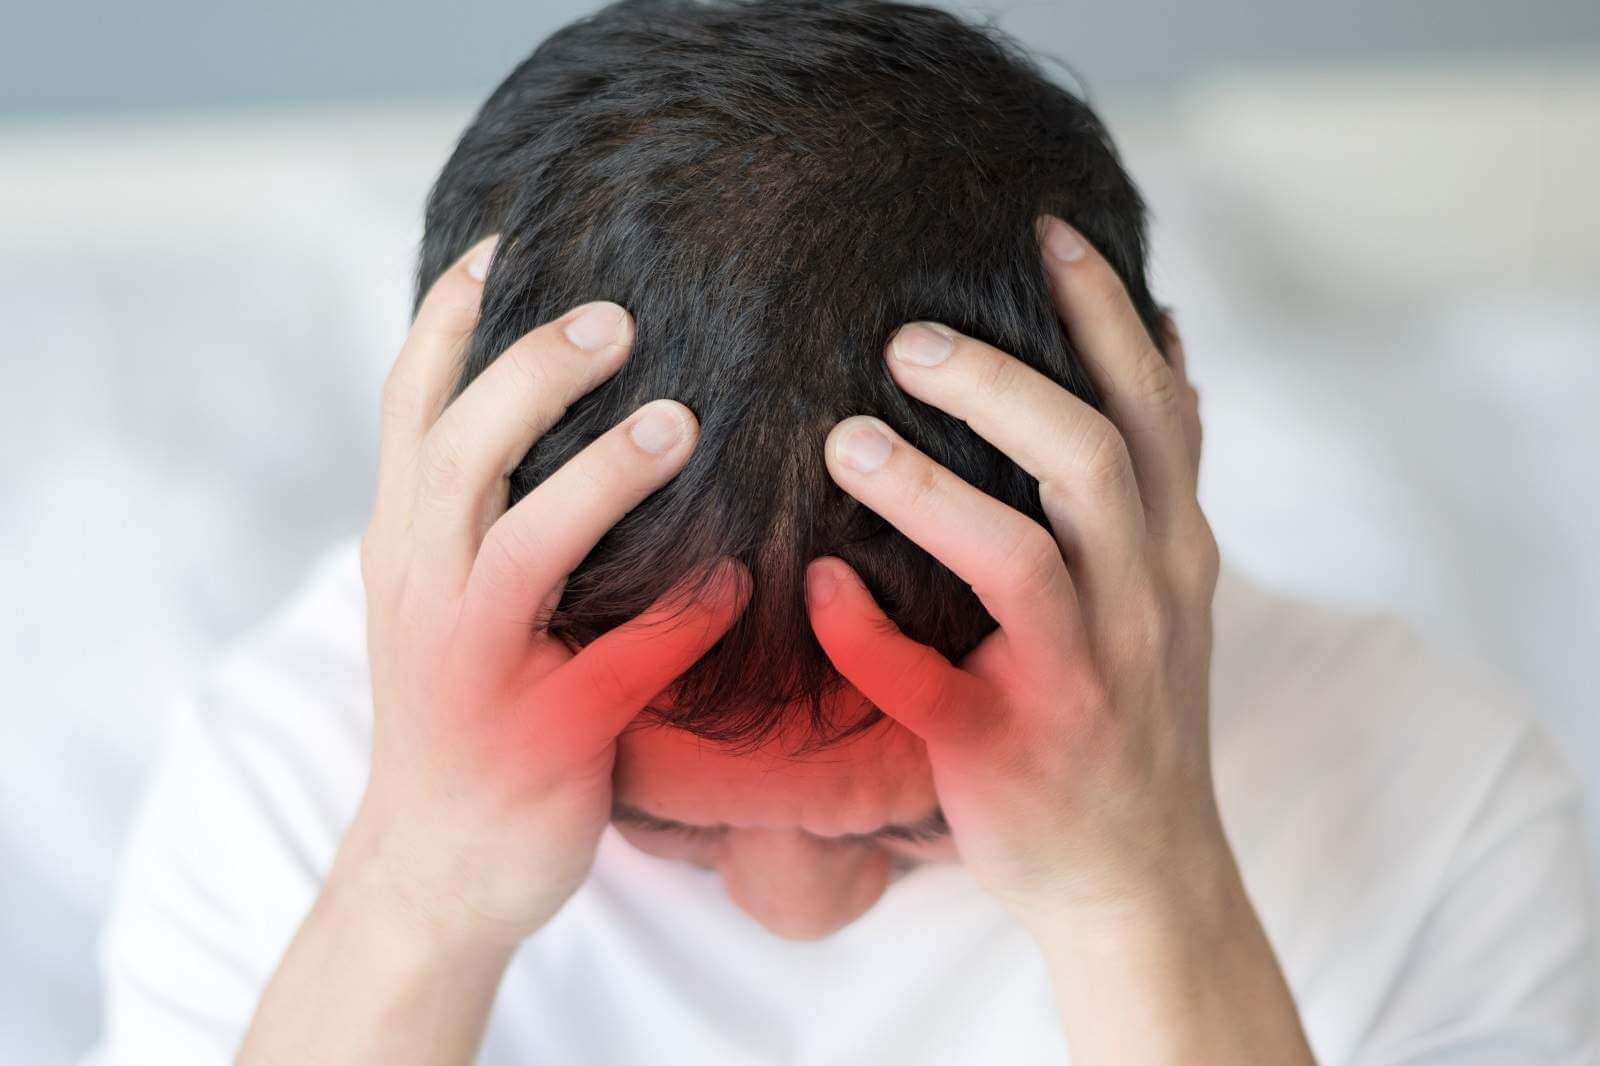 тревожные симптомы сексуальной головной боли